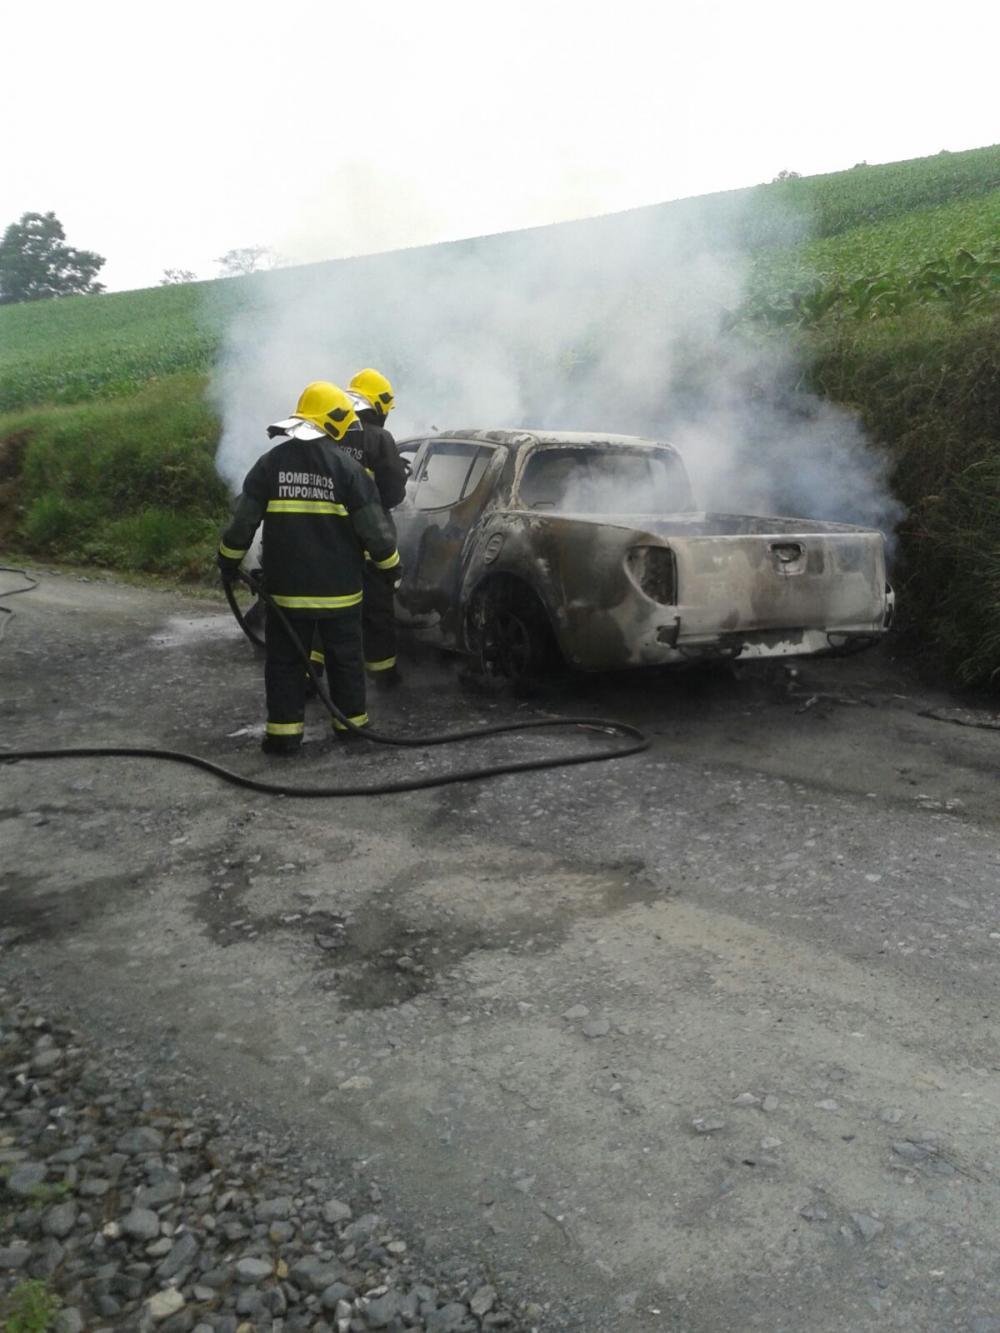 Caminhoneta é destruída pelo fogo no interior Ituporanga